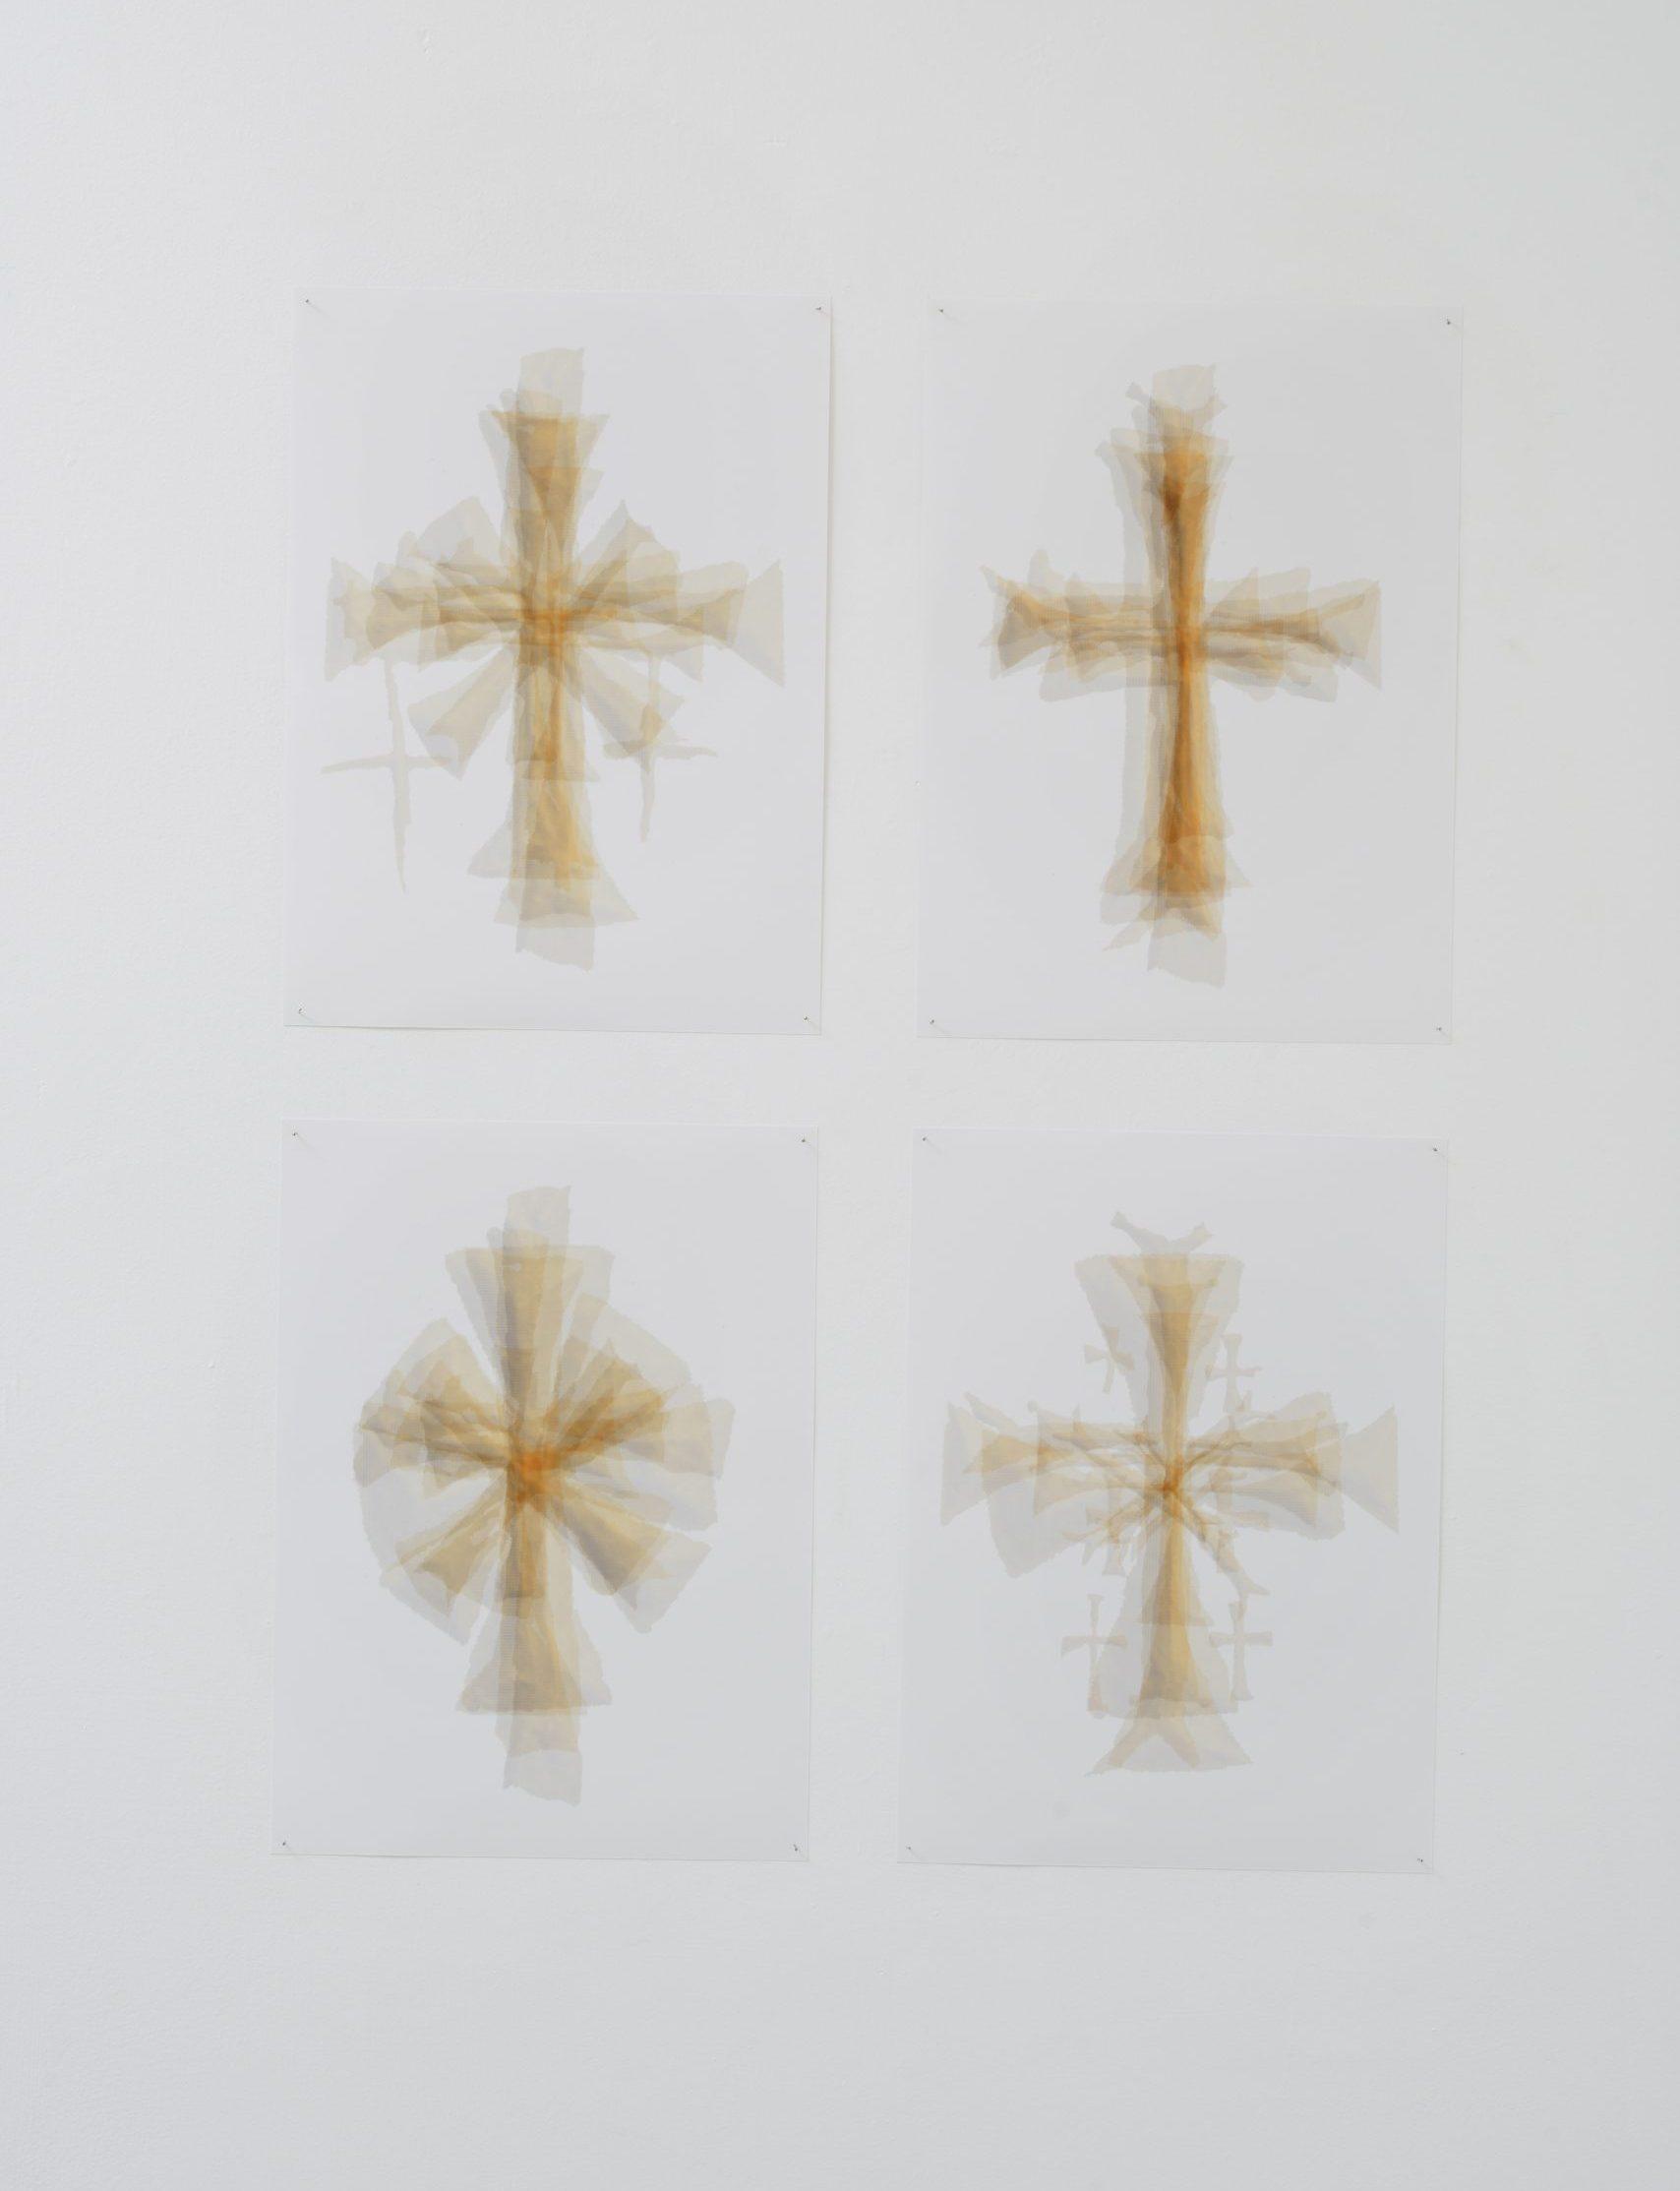 גלויות מארץ הקוד(ש) | לנה דובינסקי